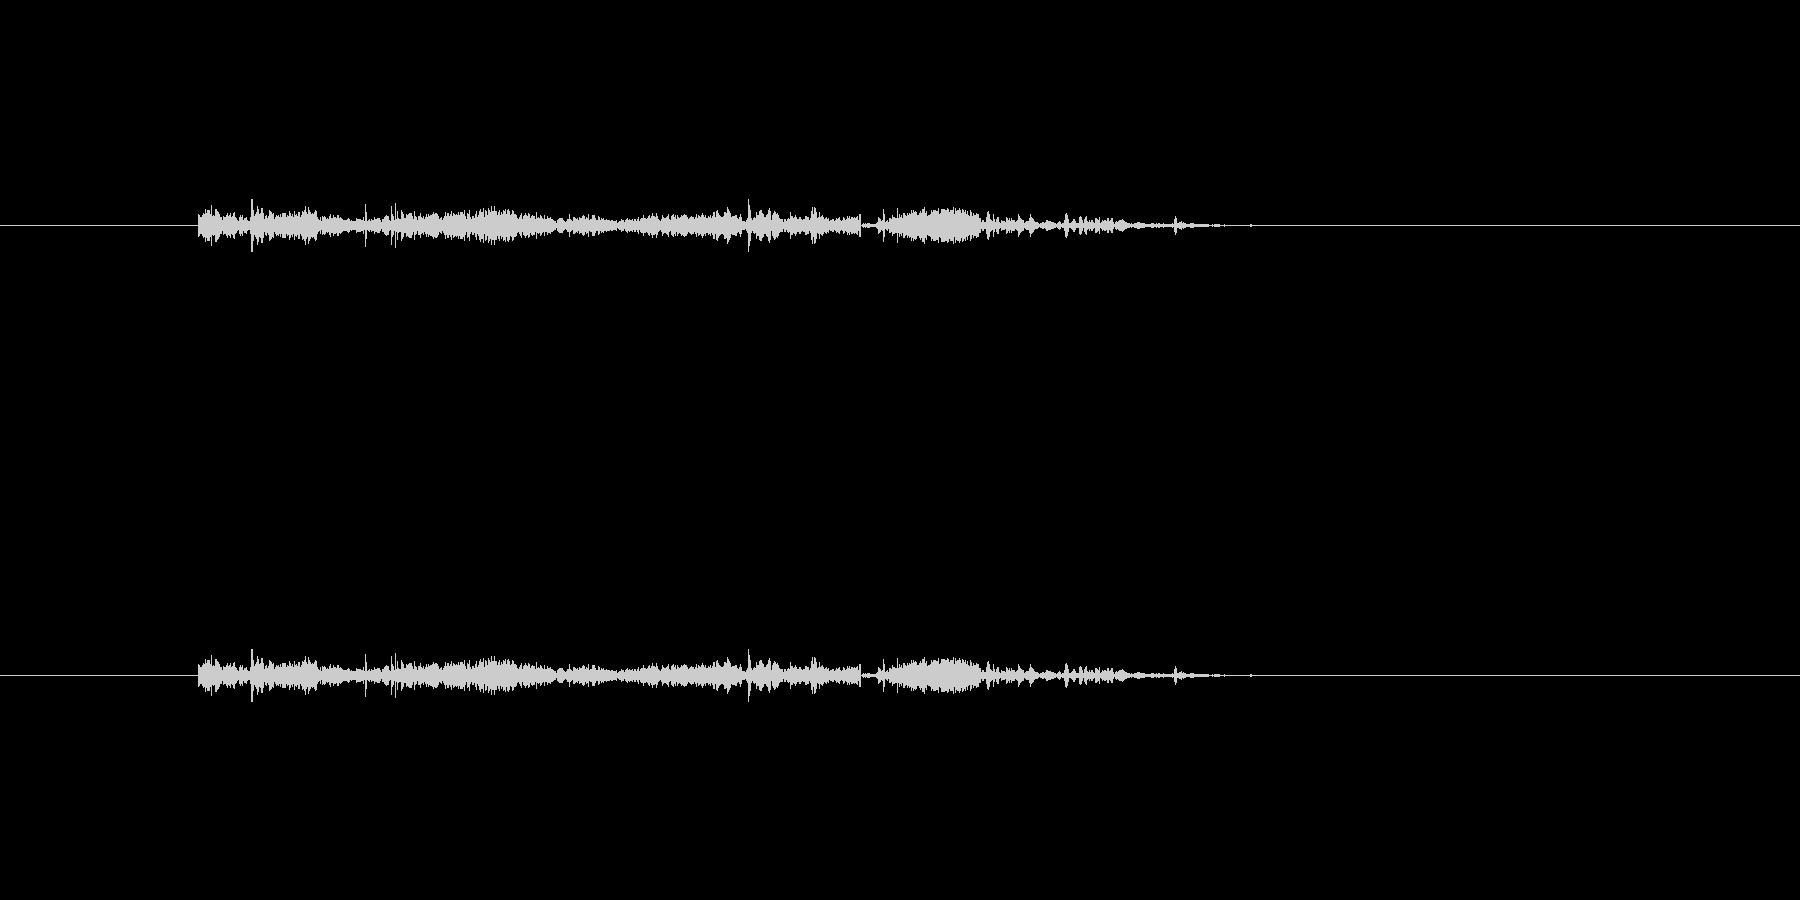 準備音の未再生の波形